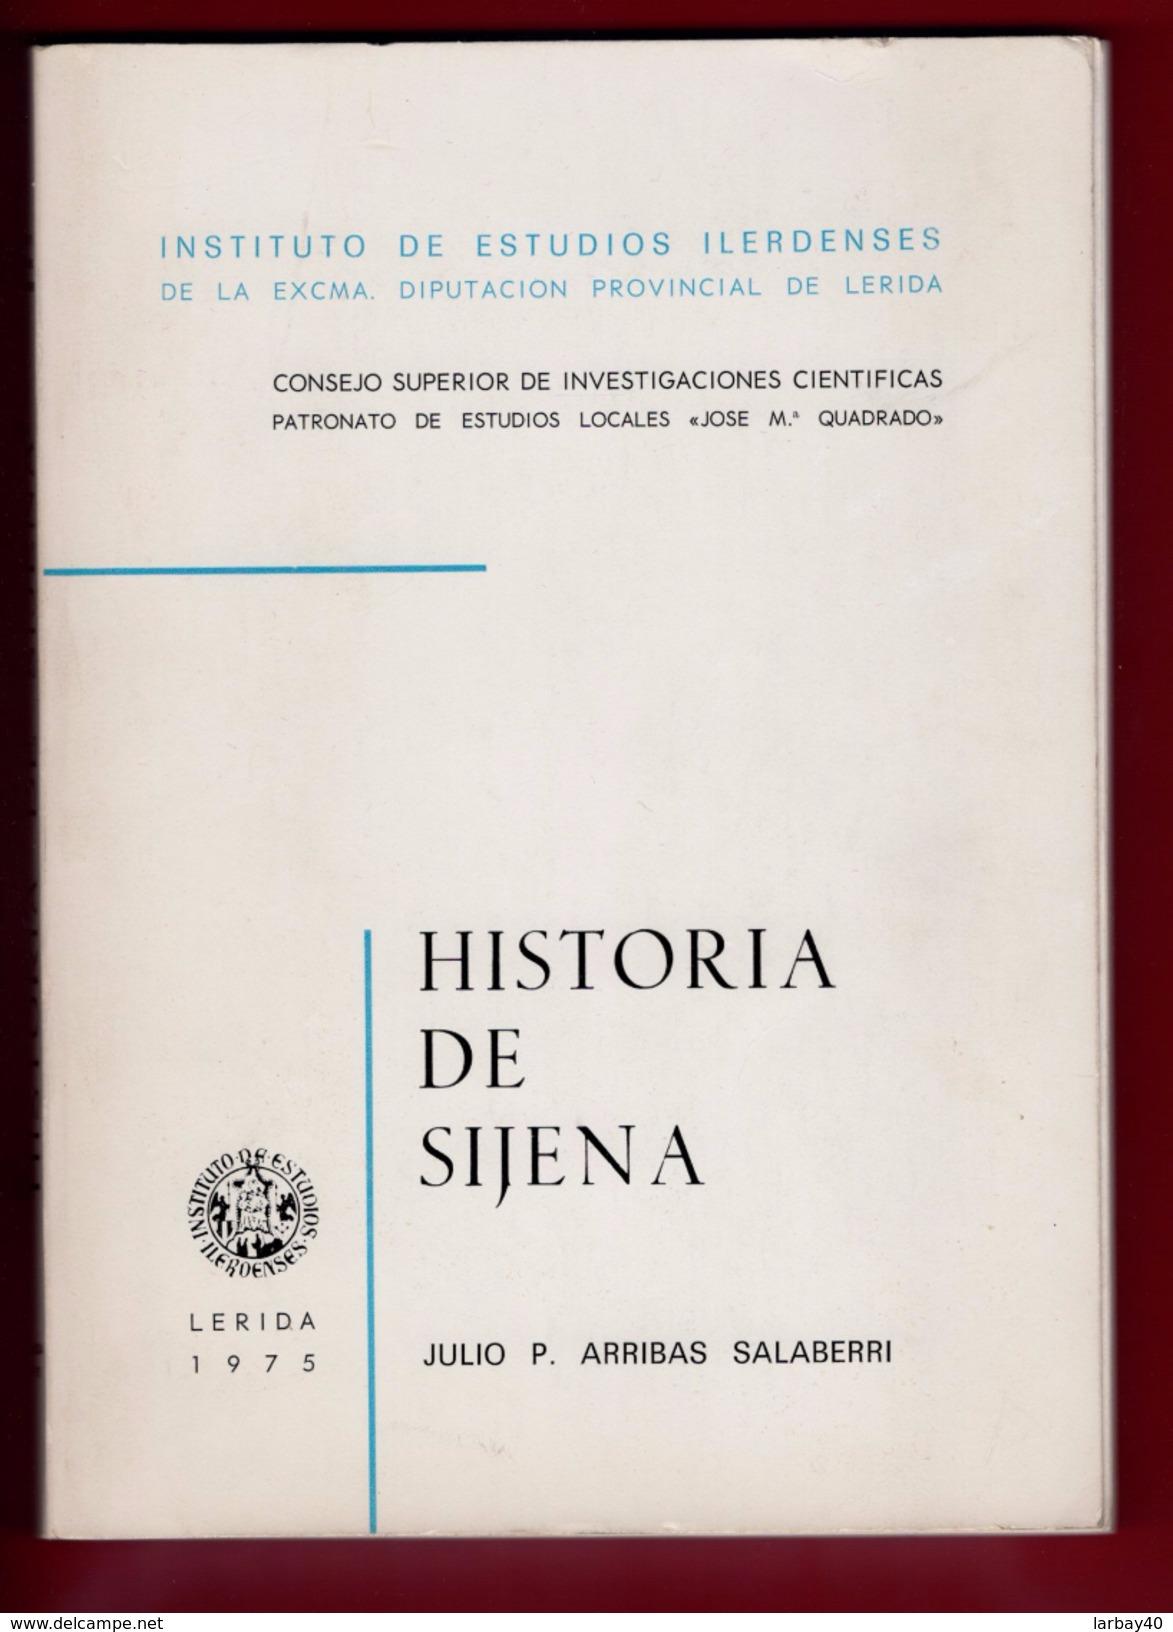 Historia De Sijena (Spanish Edition) (Spanish)   – 1975 By Julio P Arribas Salaberri - Culture